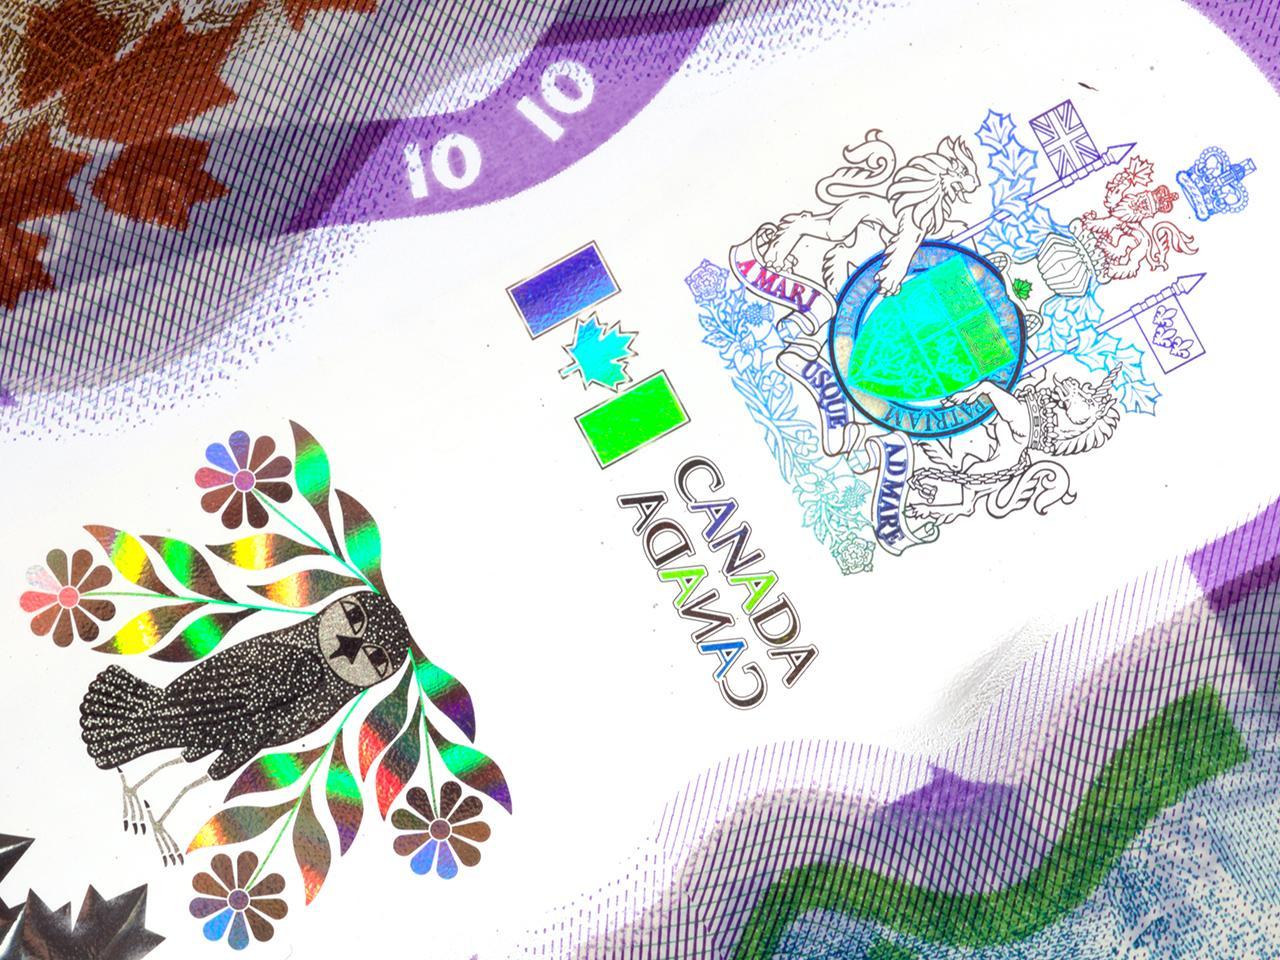 image d'un billet de banque : hibou et armoiries